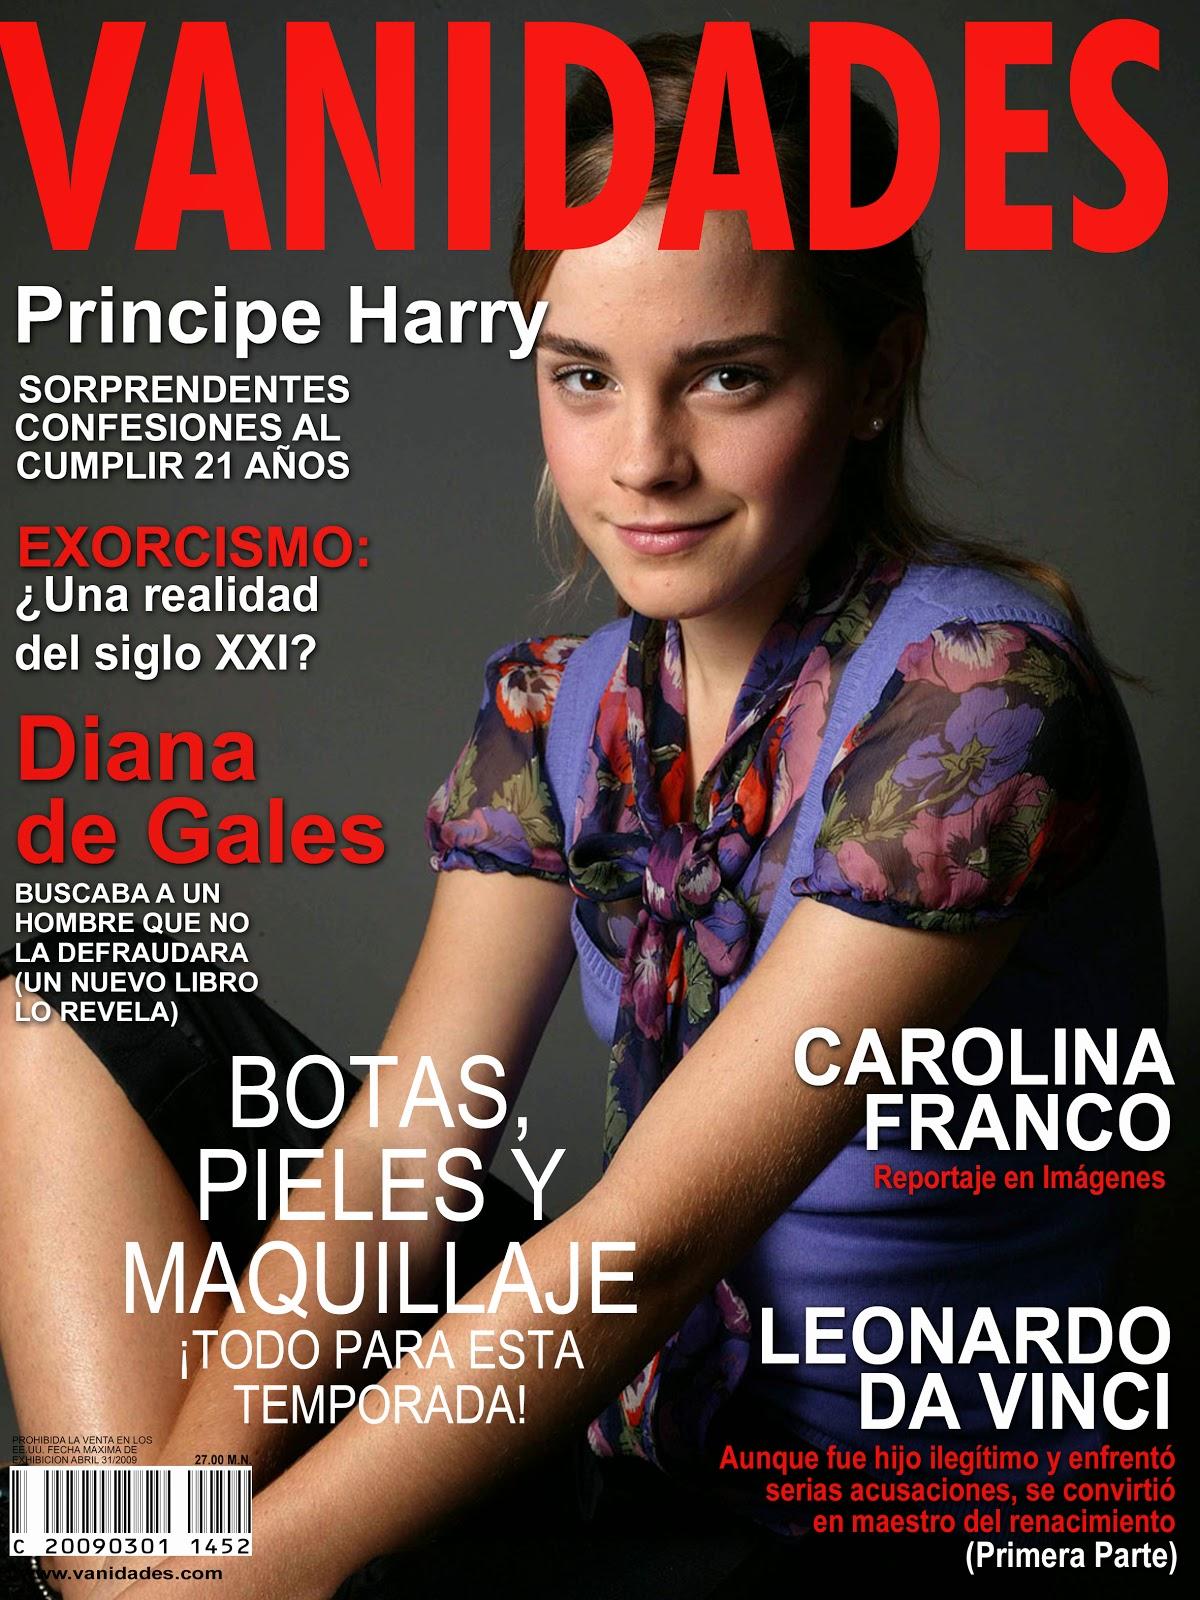 labiblioteque: Plantilla de photoshop de la revista VANIDADES